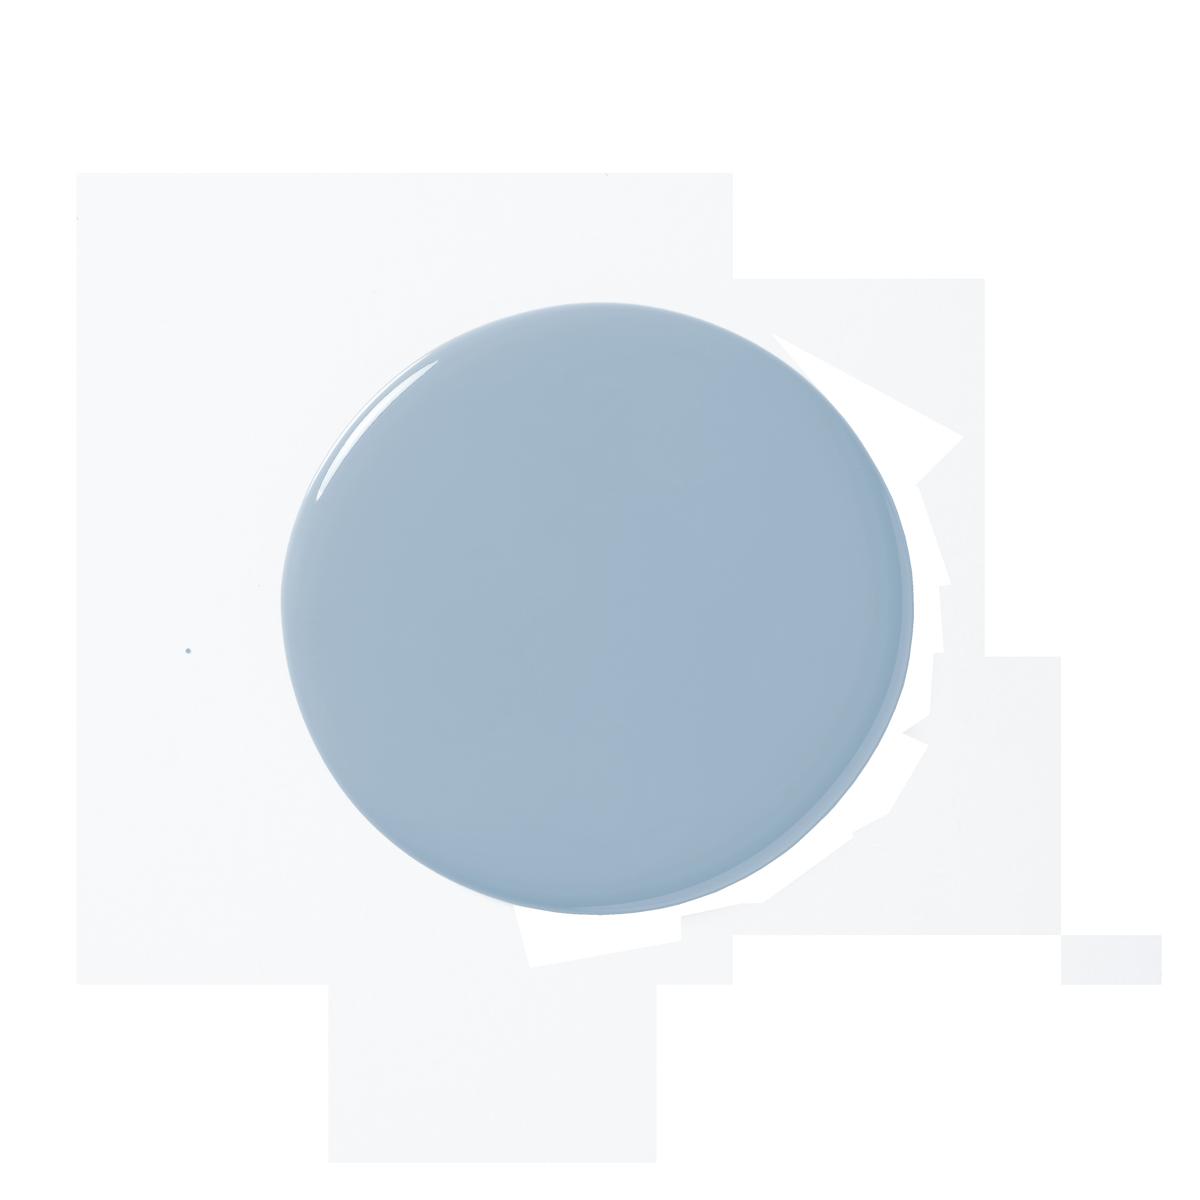 lulworth blue paint